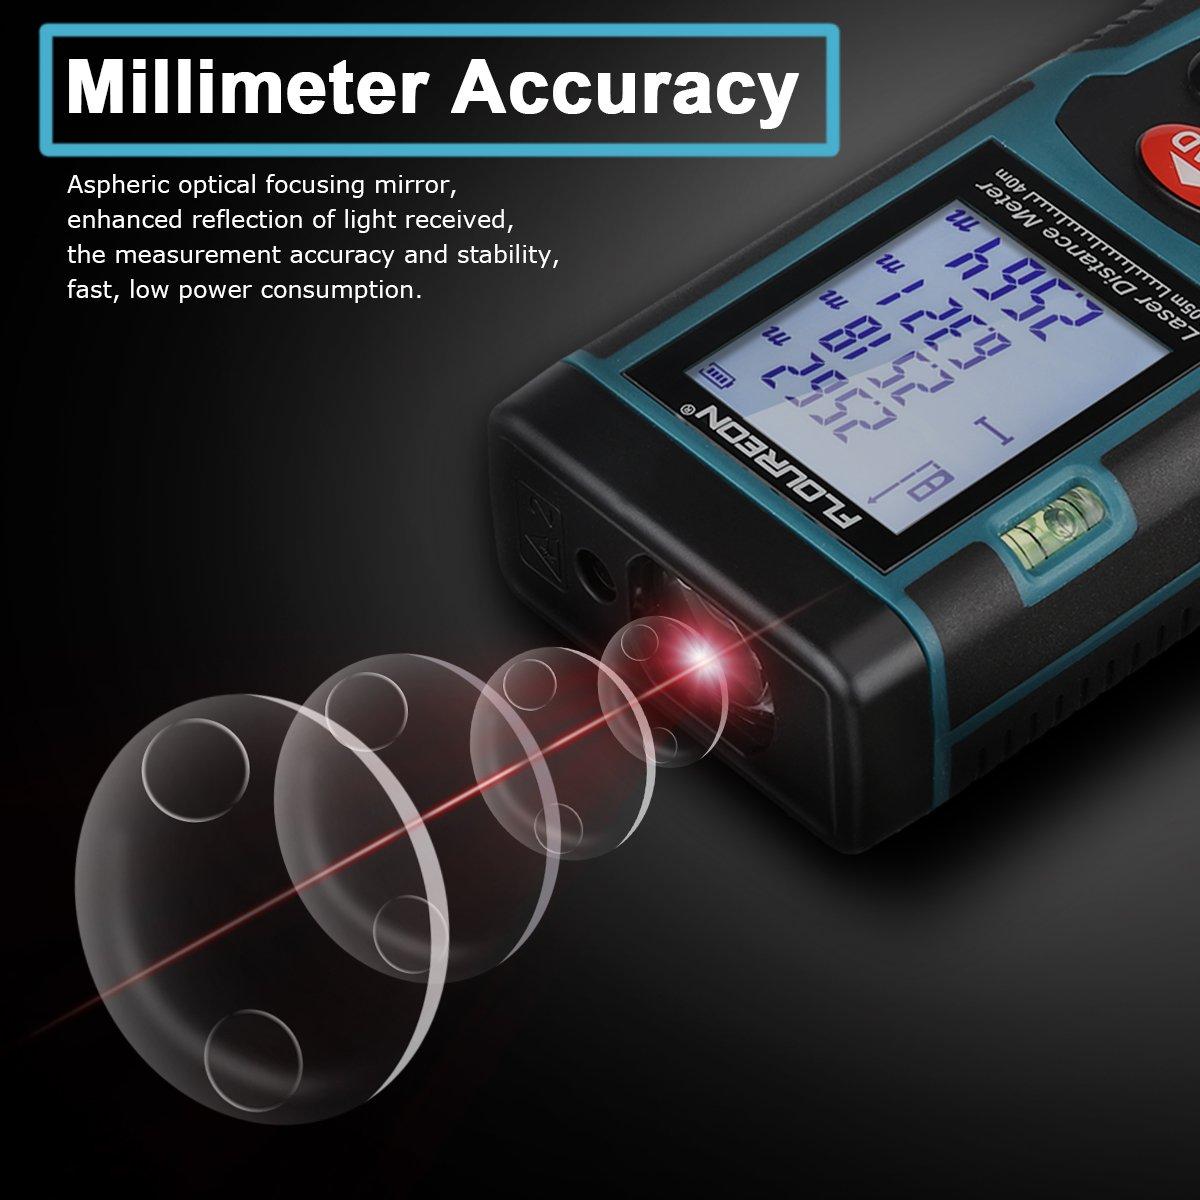 FLOUREON Télémètre Laser Professionnel Mesureur de Distance Laser de Haute Précision 0,05 à 40 M avec Précision de ± 2 MM Calcul de Surface et Volume Théorème de Pythagore et 2 Pils offert